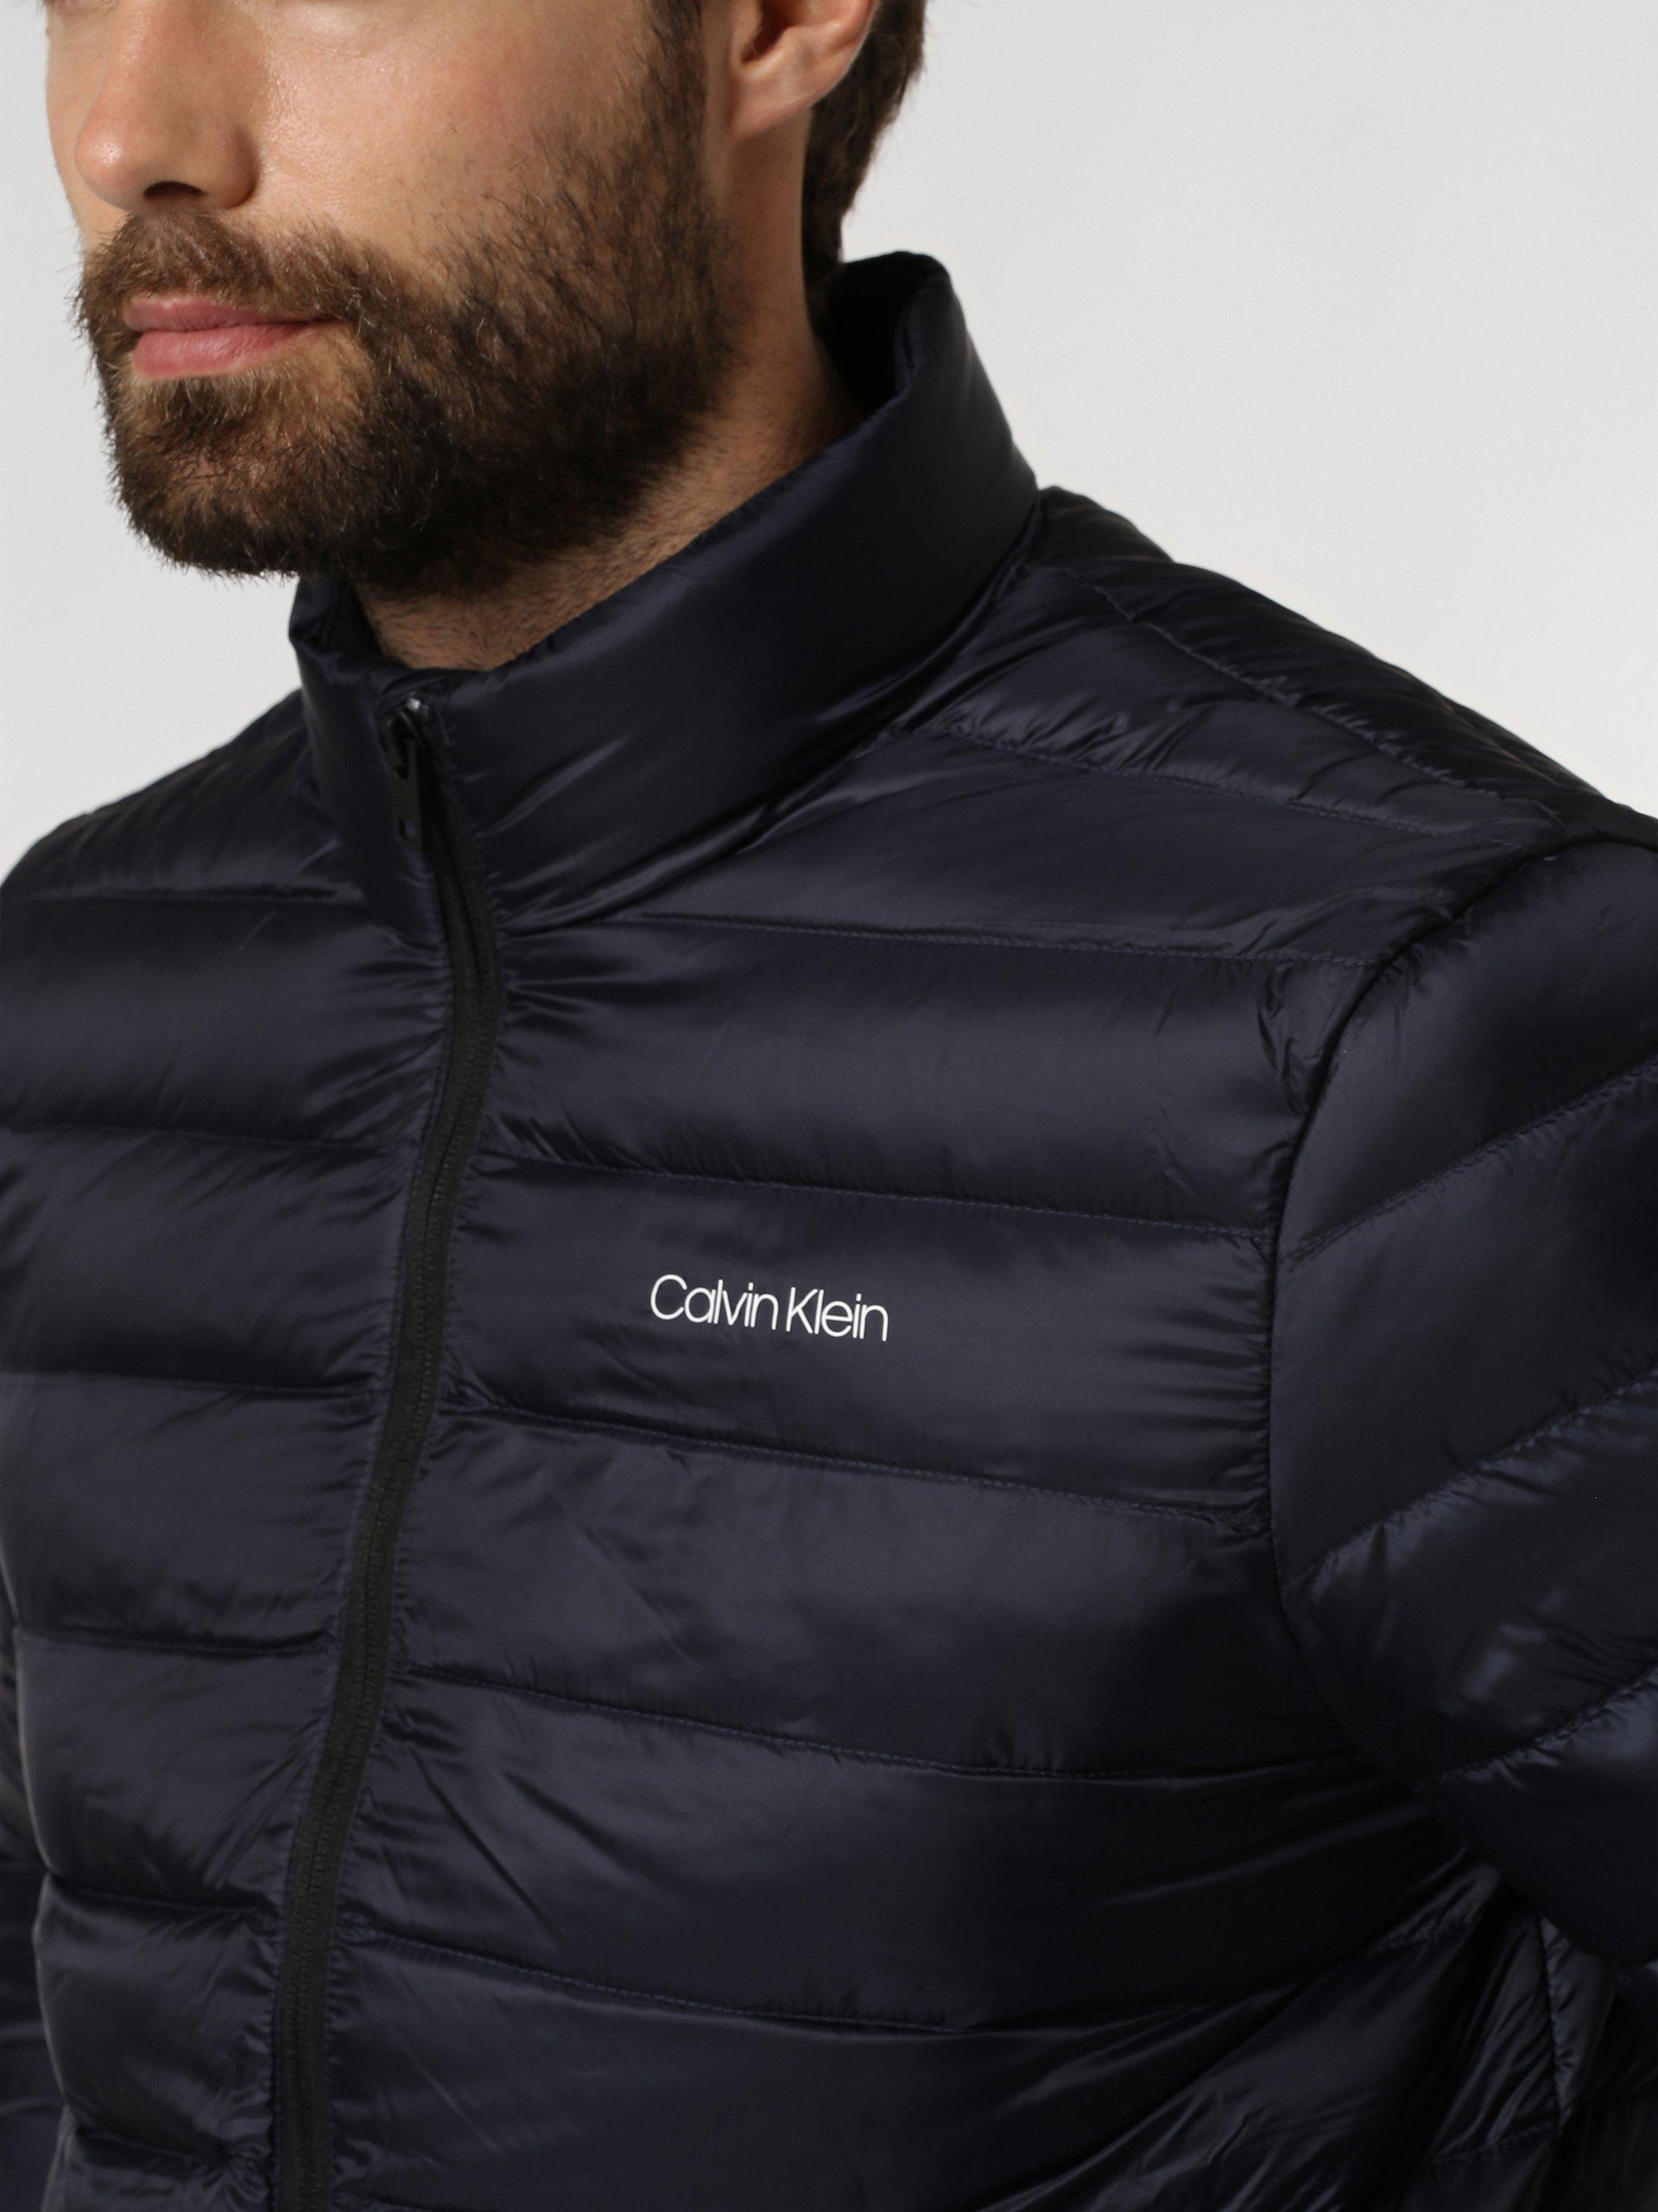 Calvin Klein Herren Daunenjacke